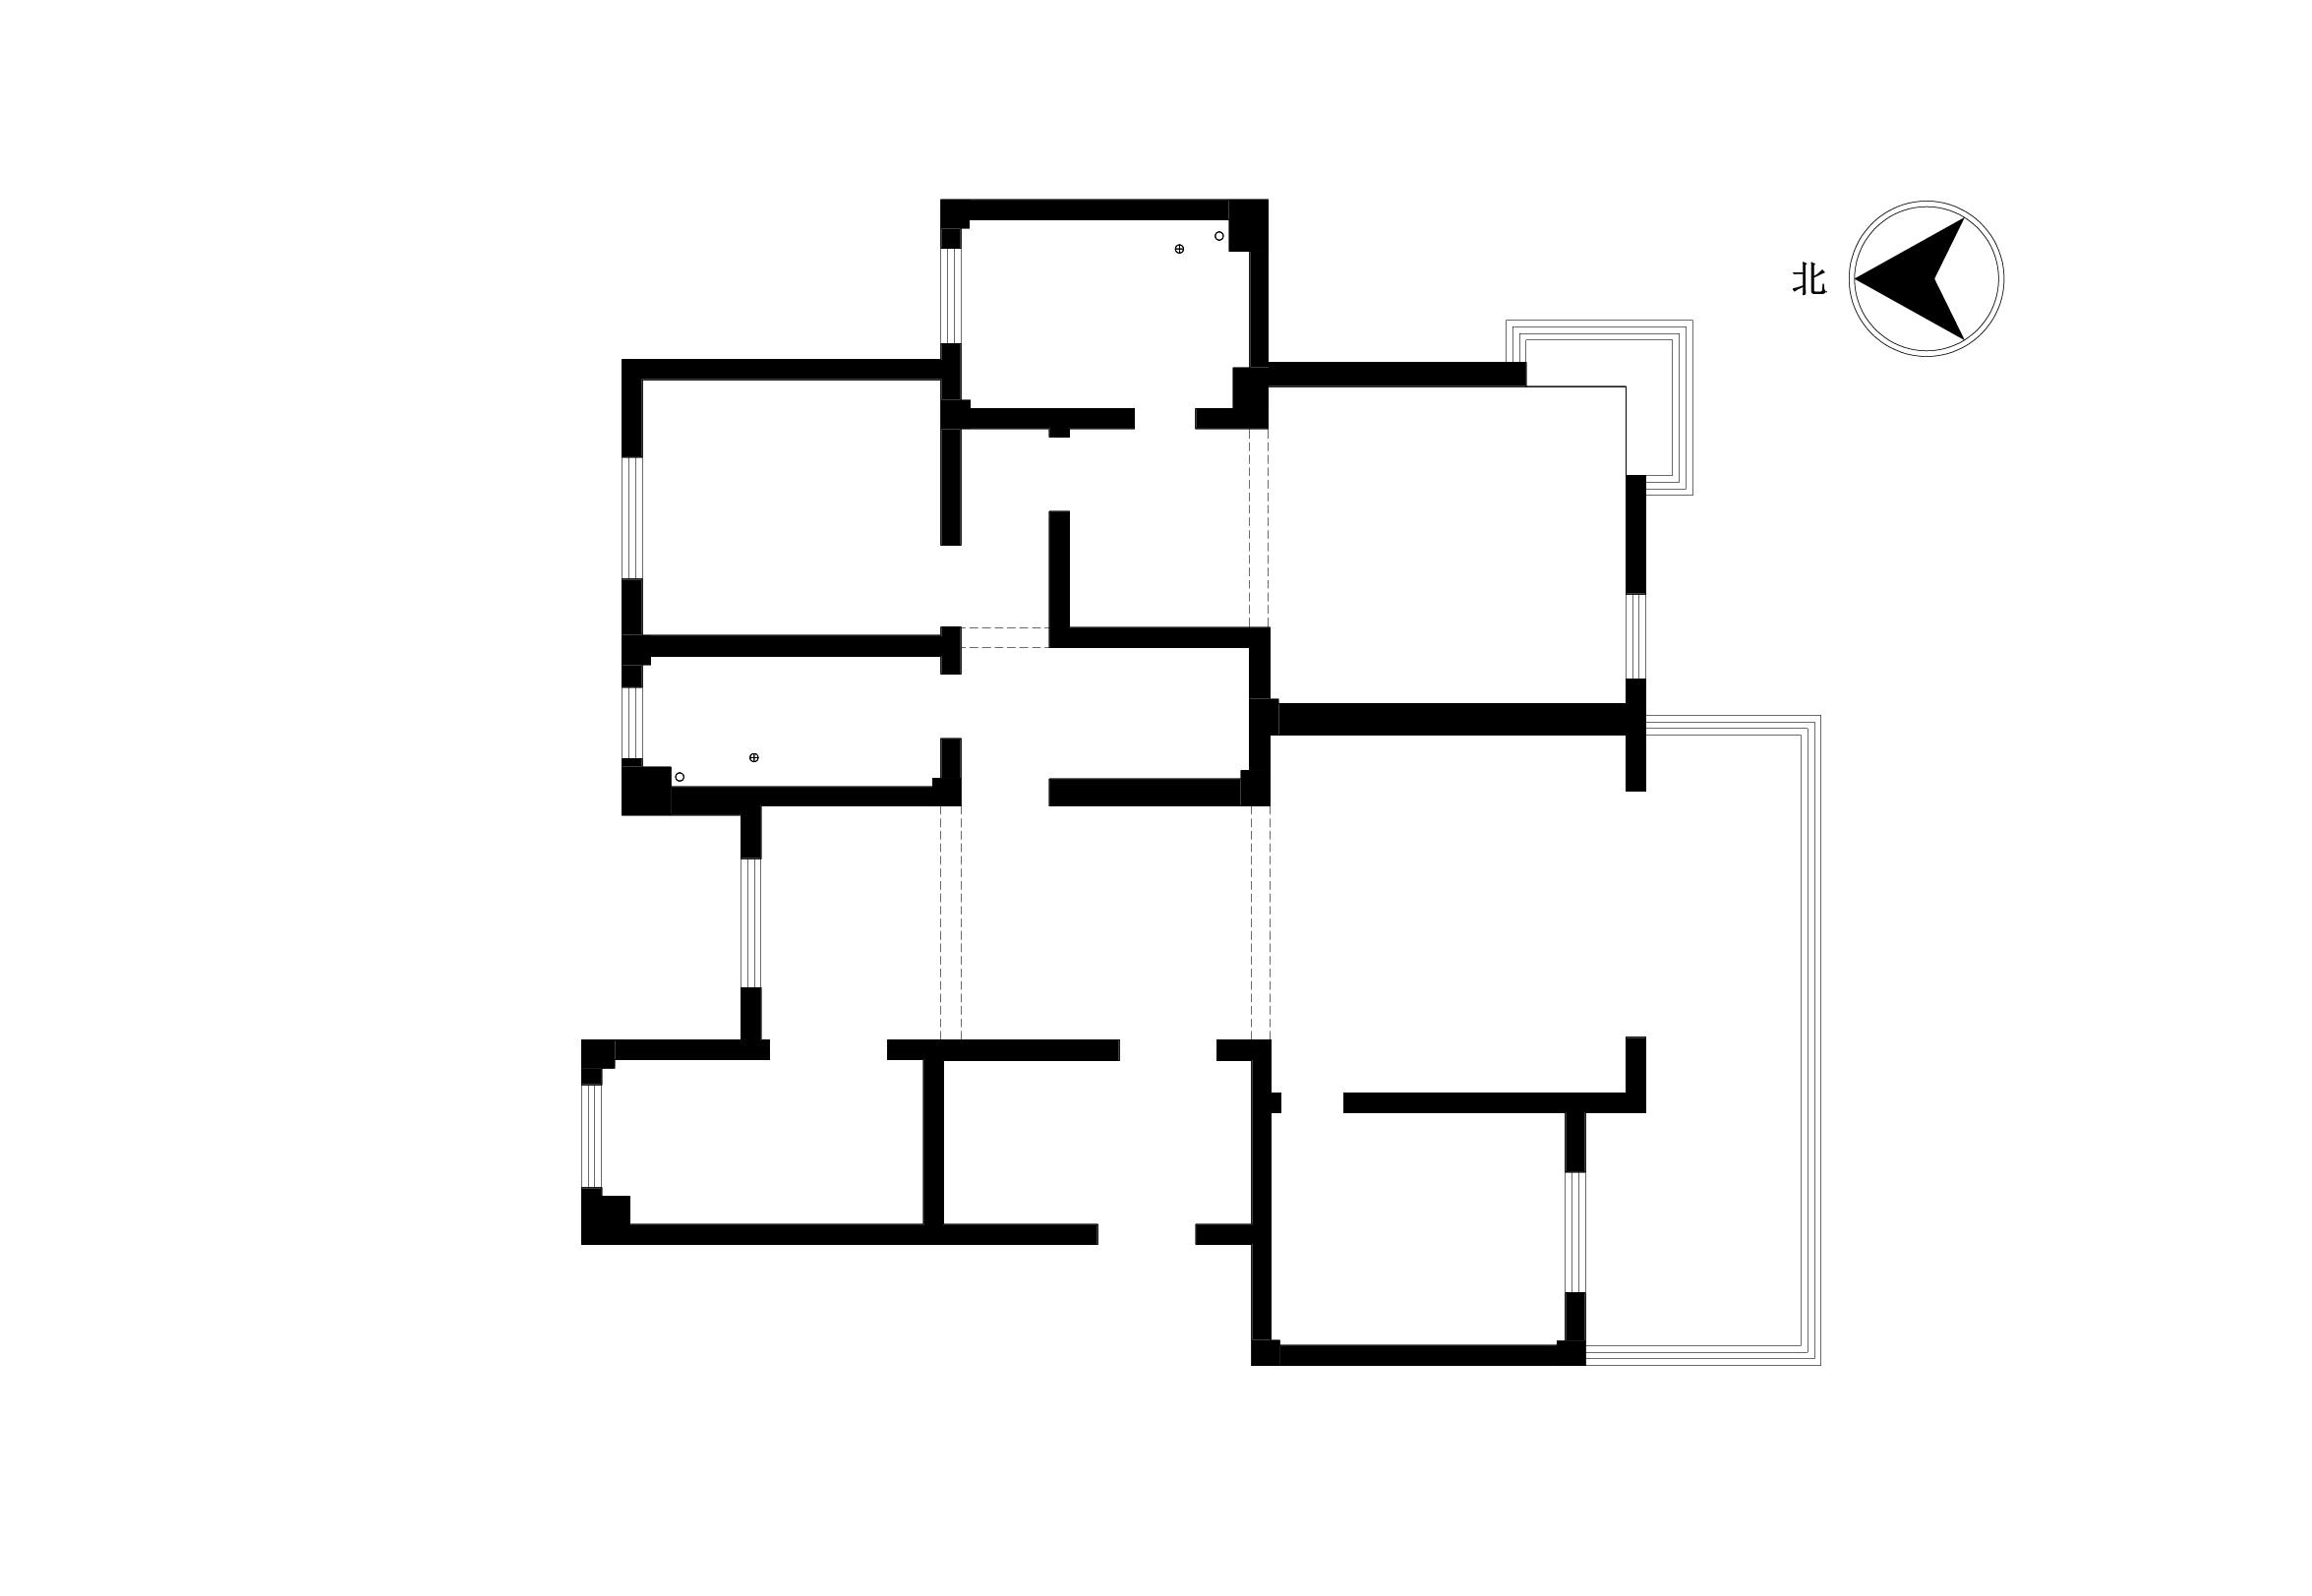 翡翠公园 简欧风格147平米装修设计理念